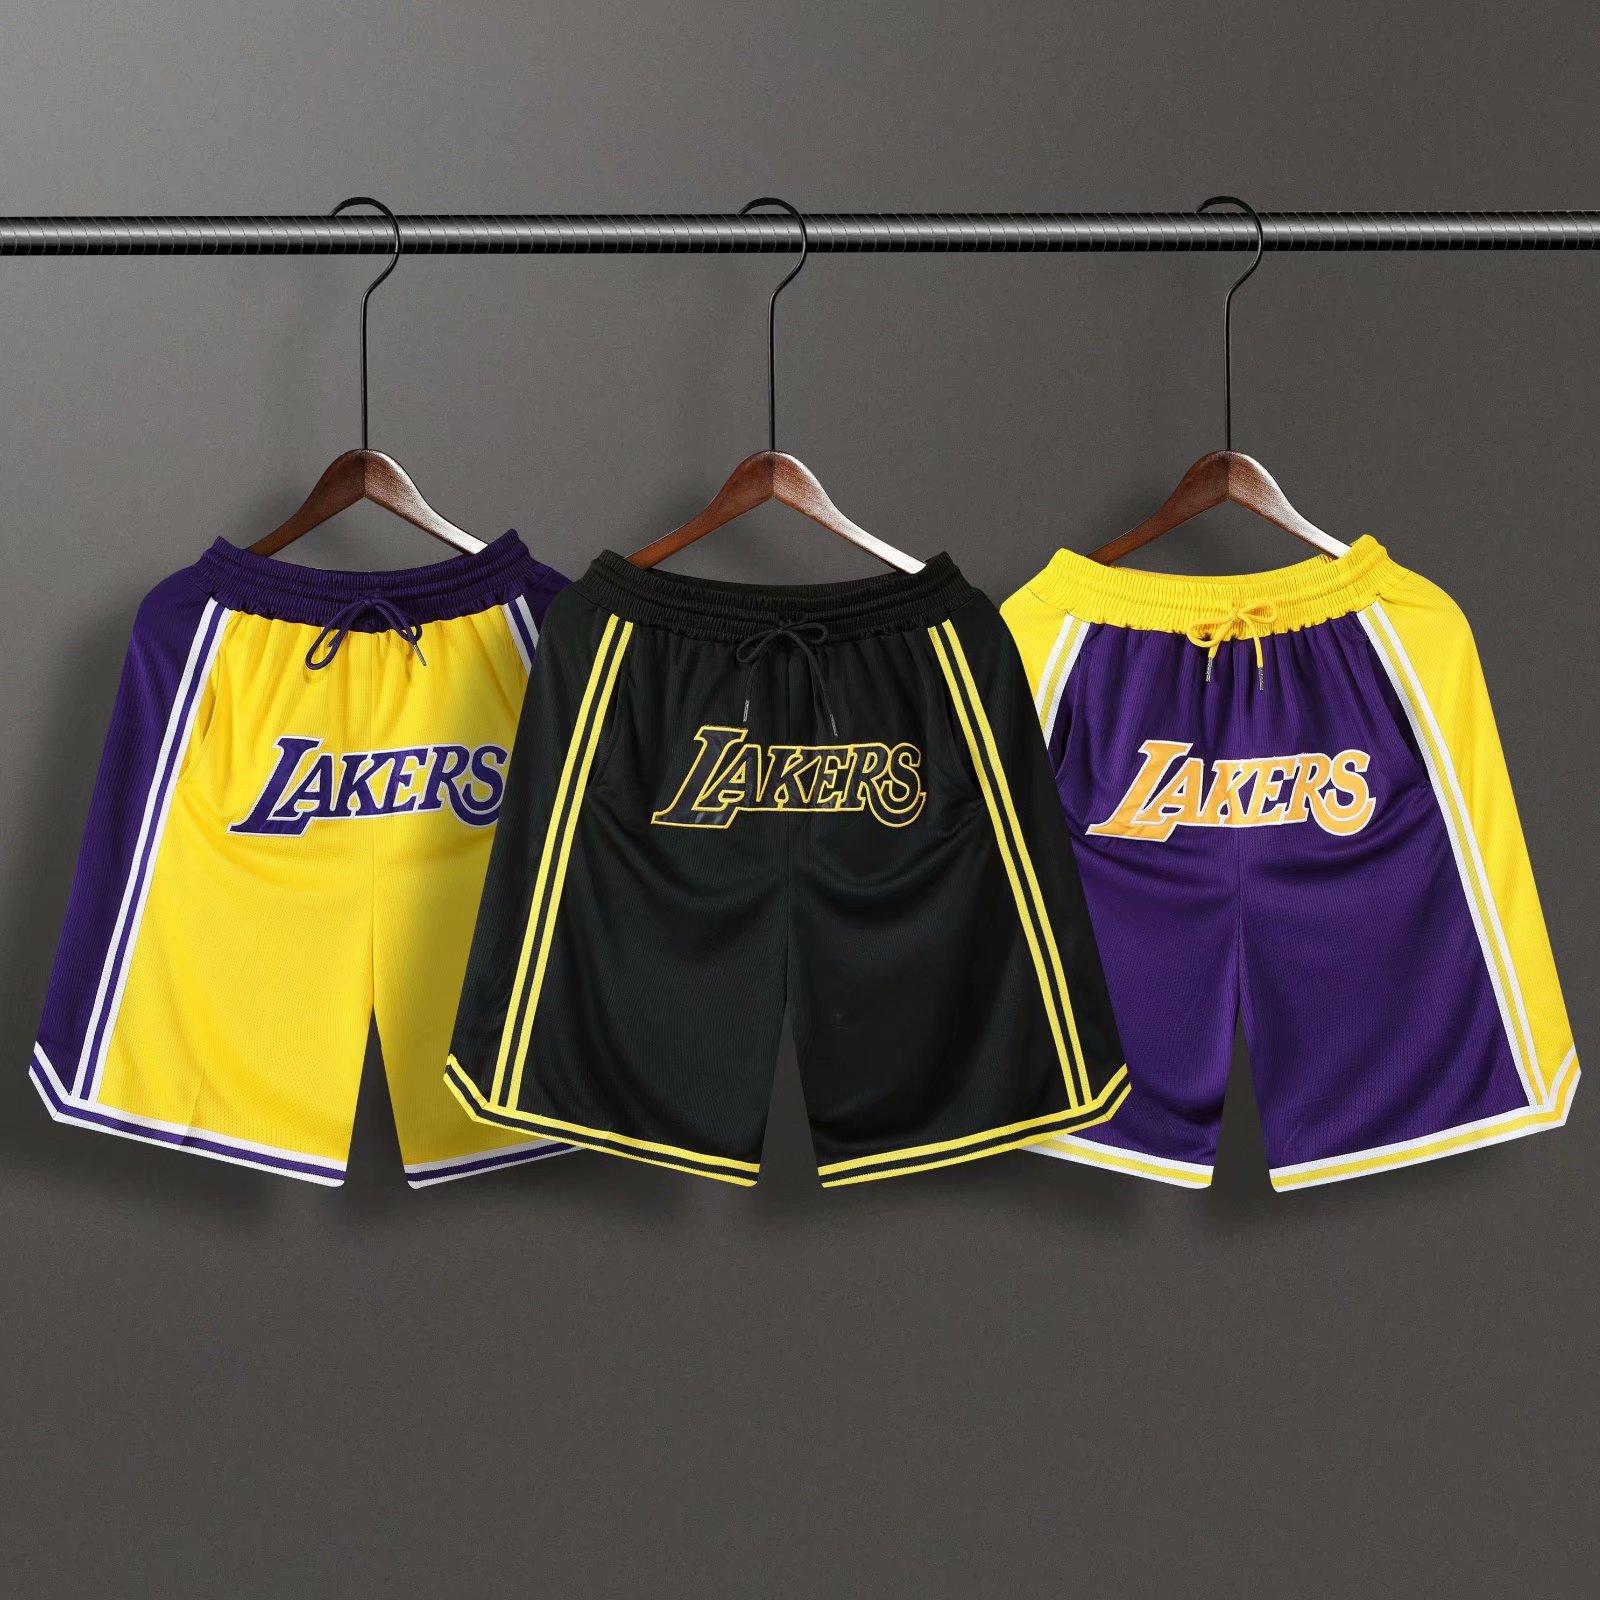 詹姆斯同款湖人短裤男训练宽松复古刺绣健身跑步篮球裤运动五分裤